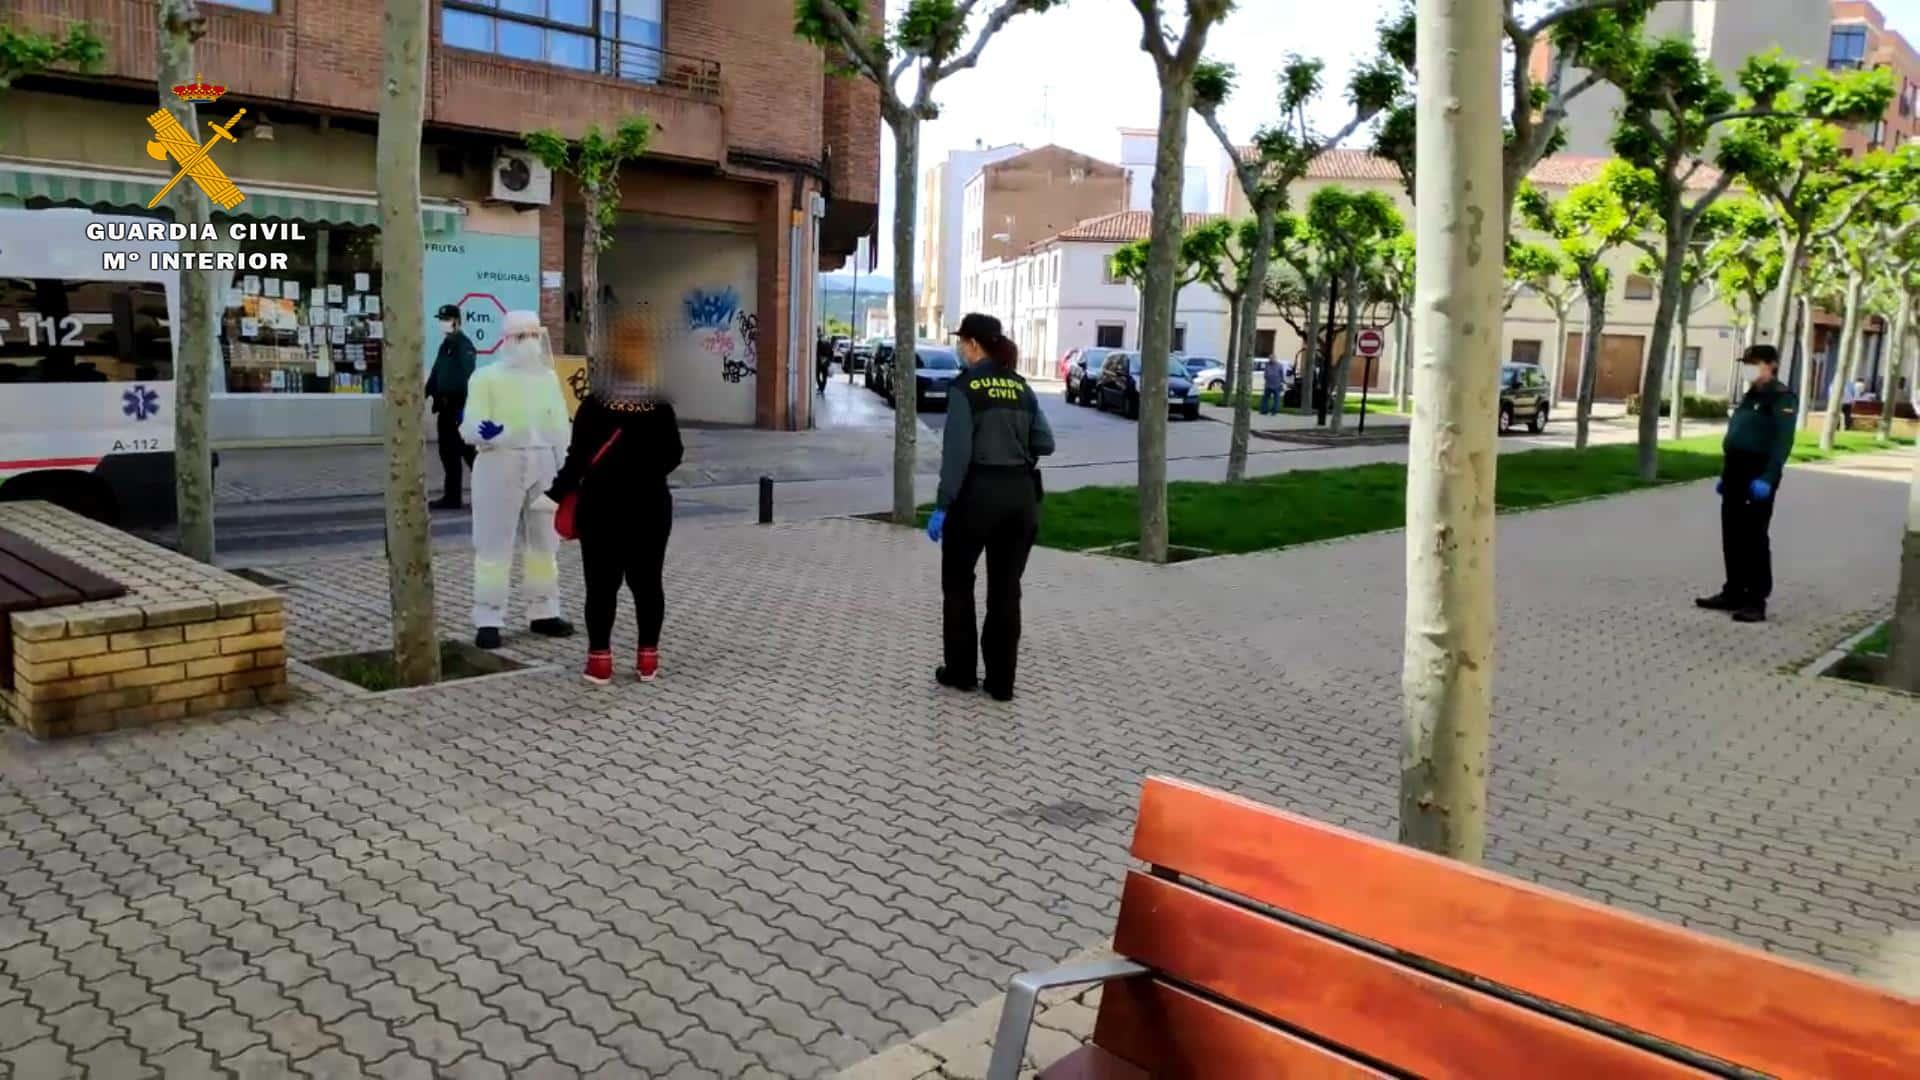 Una mujer con síntomas de coronavirus se fuga de un centro de salud en La Rioja 1